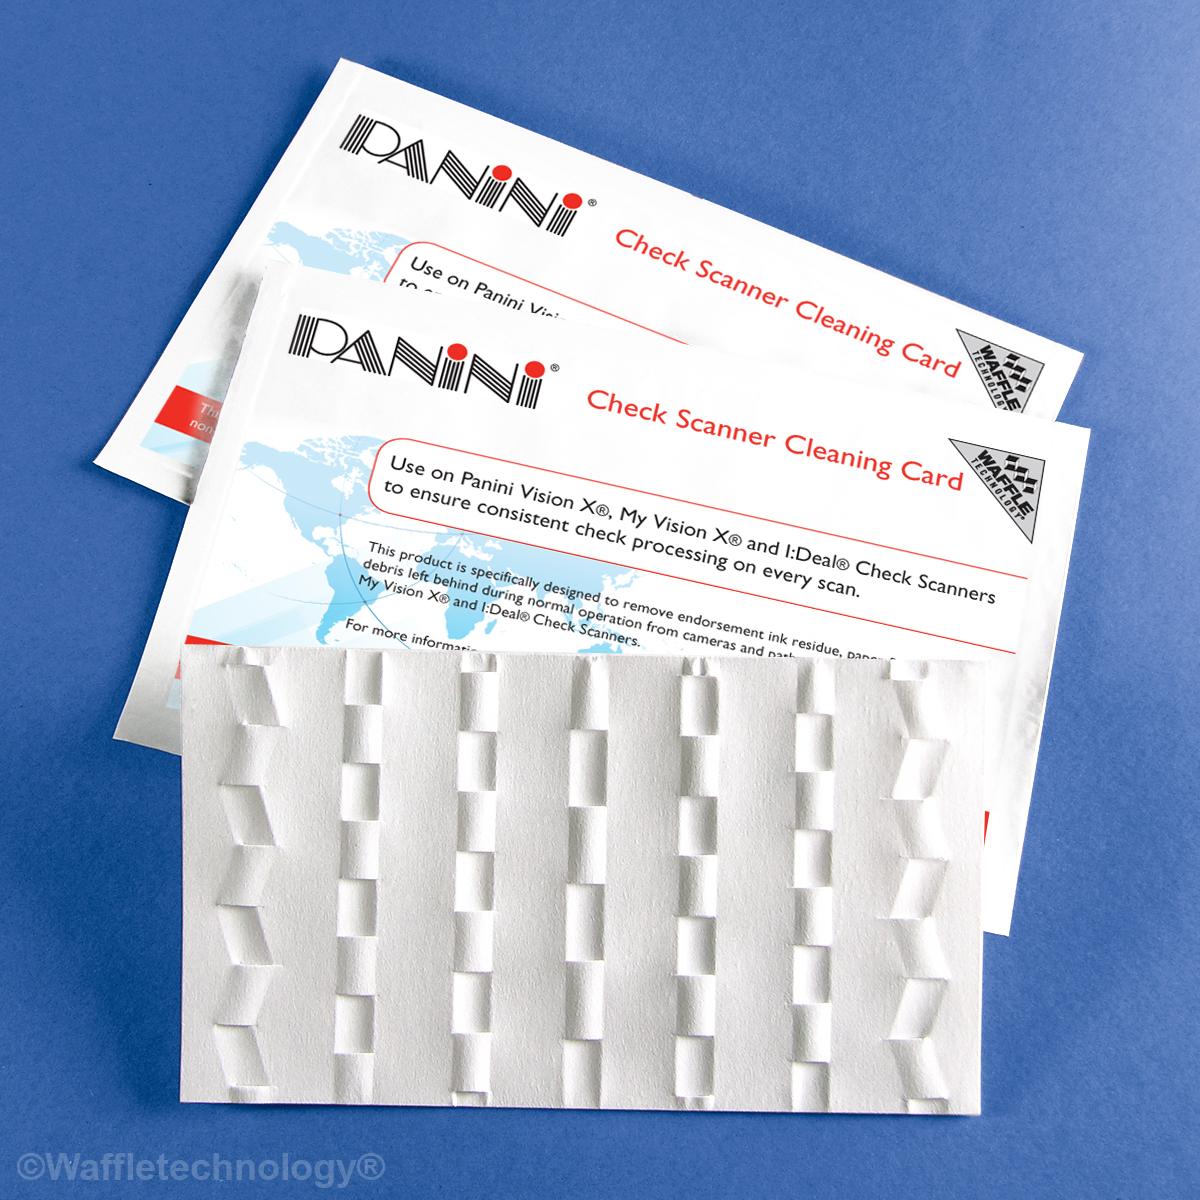 Panini escáner limpieza tarjeta con Waffletechnology ®